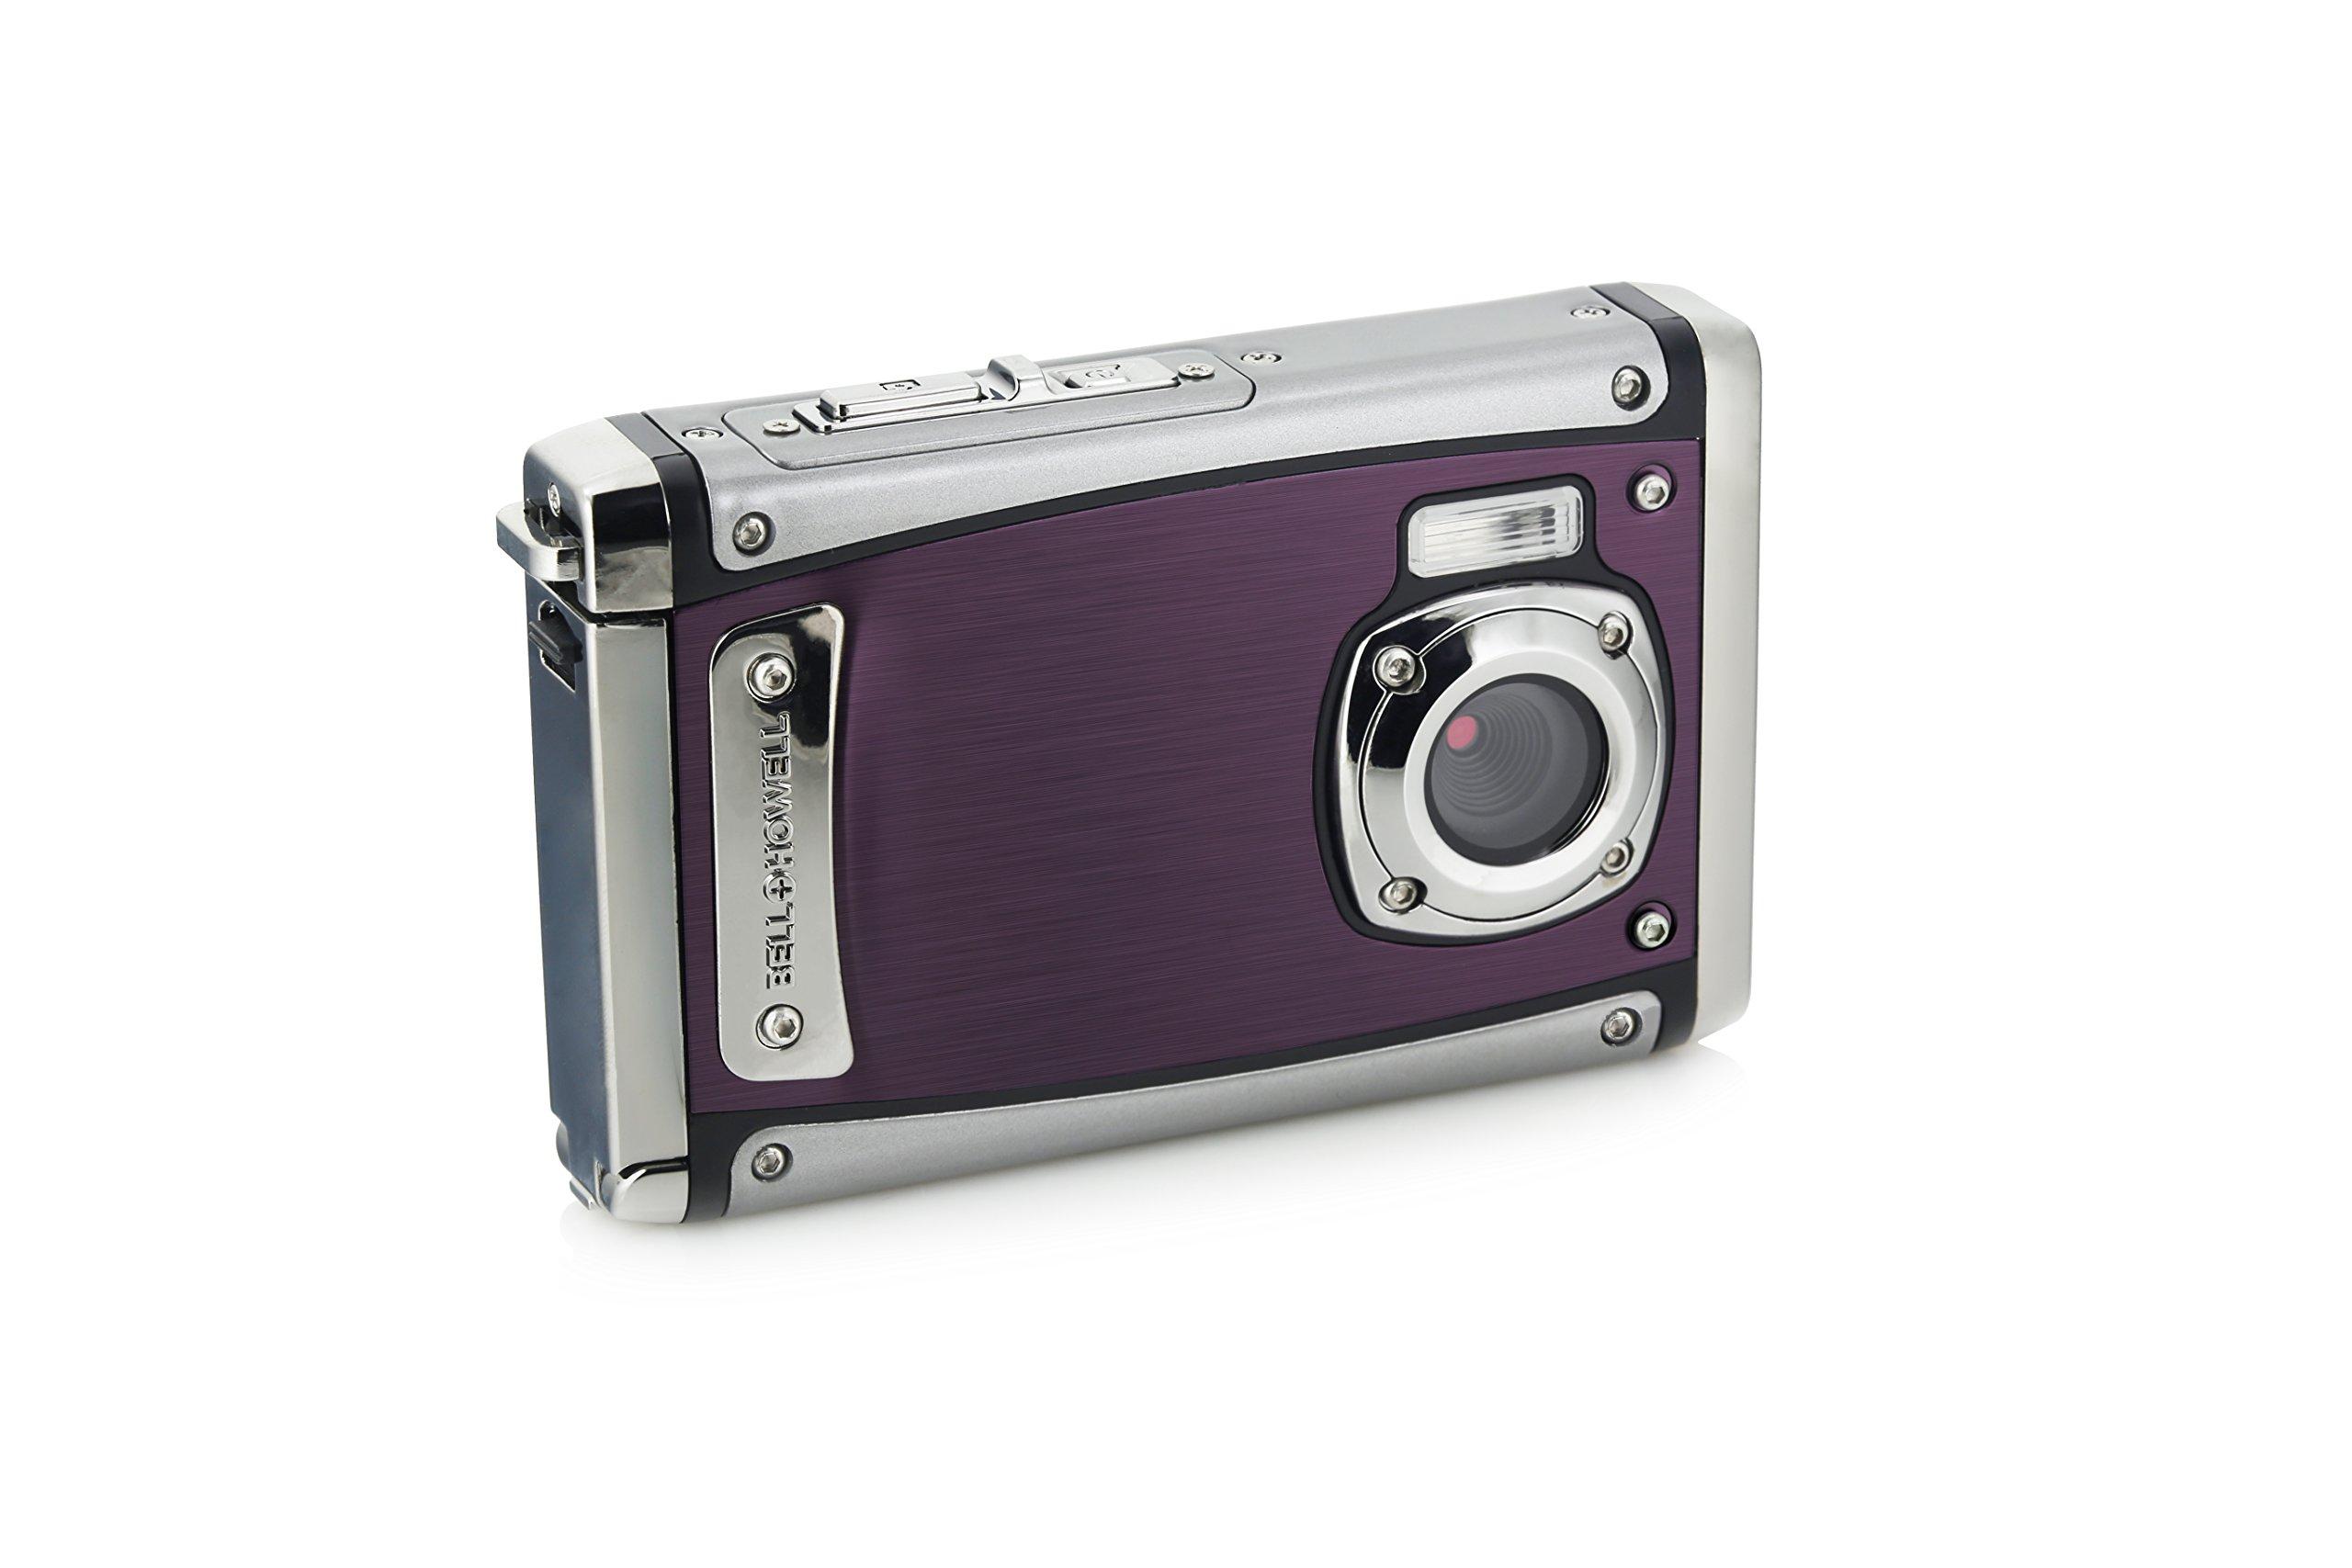 """Bell+Howell WP20-P Splash3 20 Mega Pixels Waterproof Underwater Digital Camera with Full 1080p HD Video, 2.4"""" LCD & 8X Digital Zoom, Purple"""